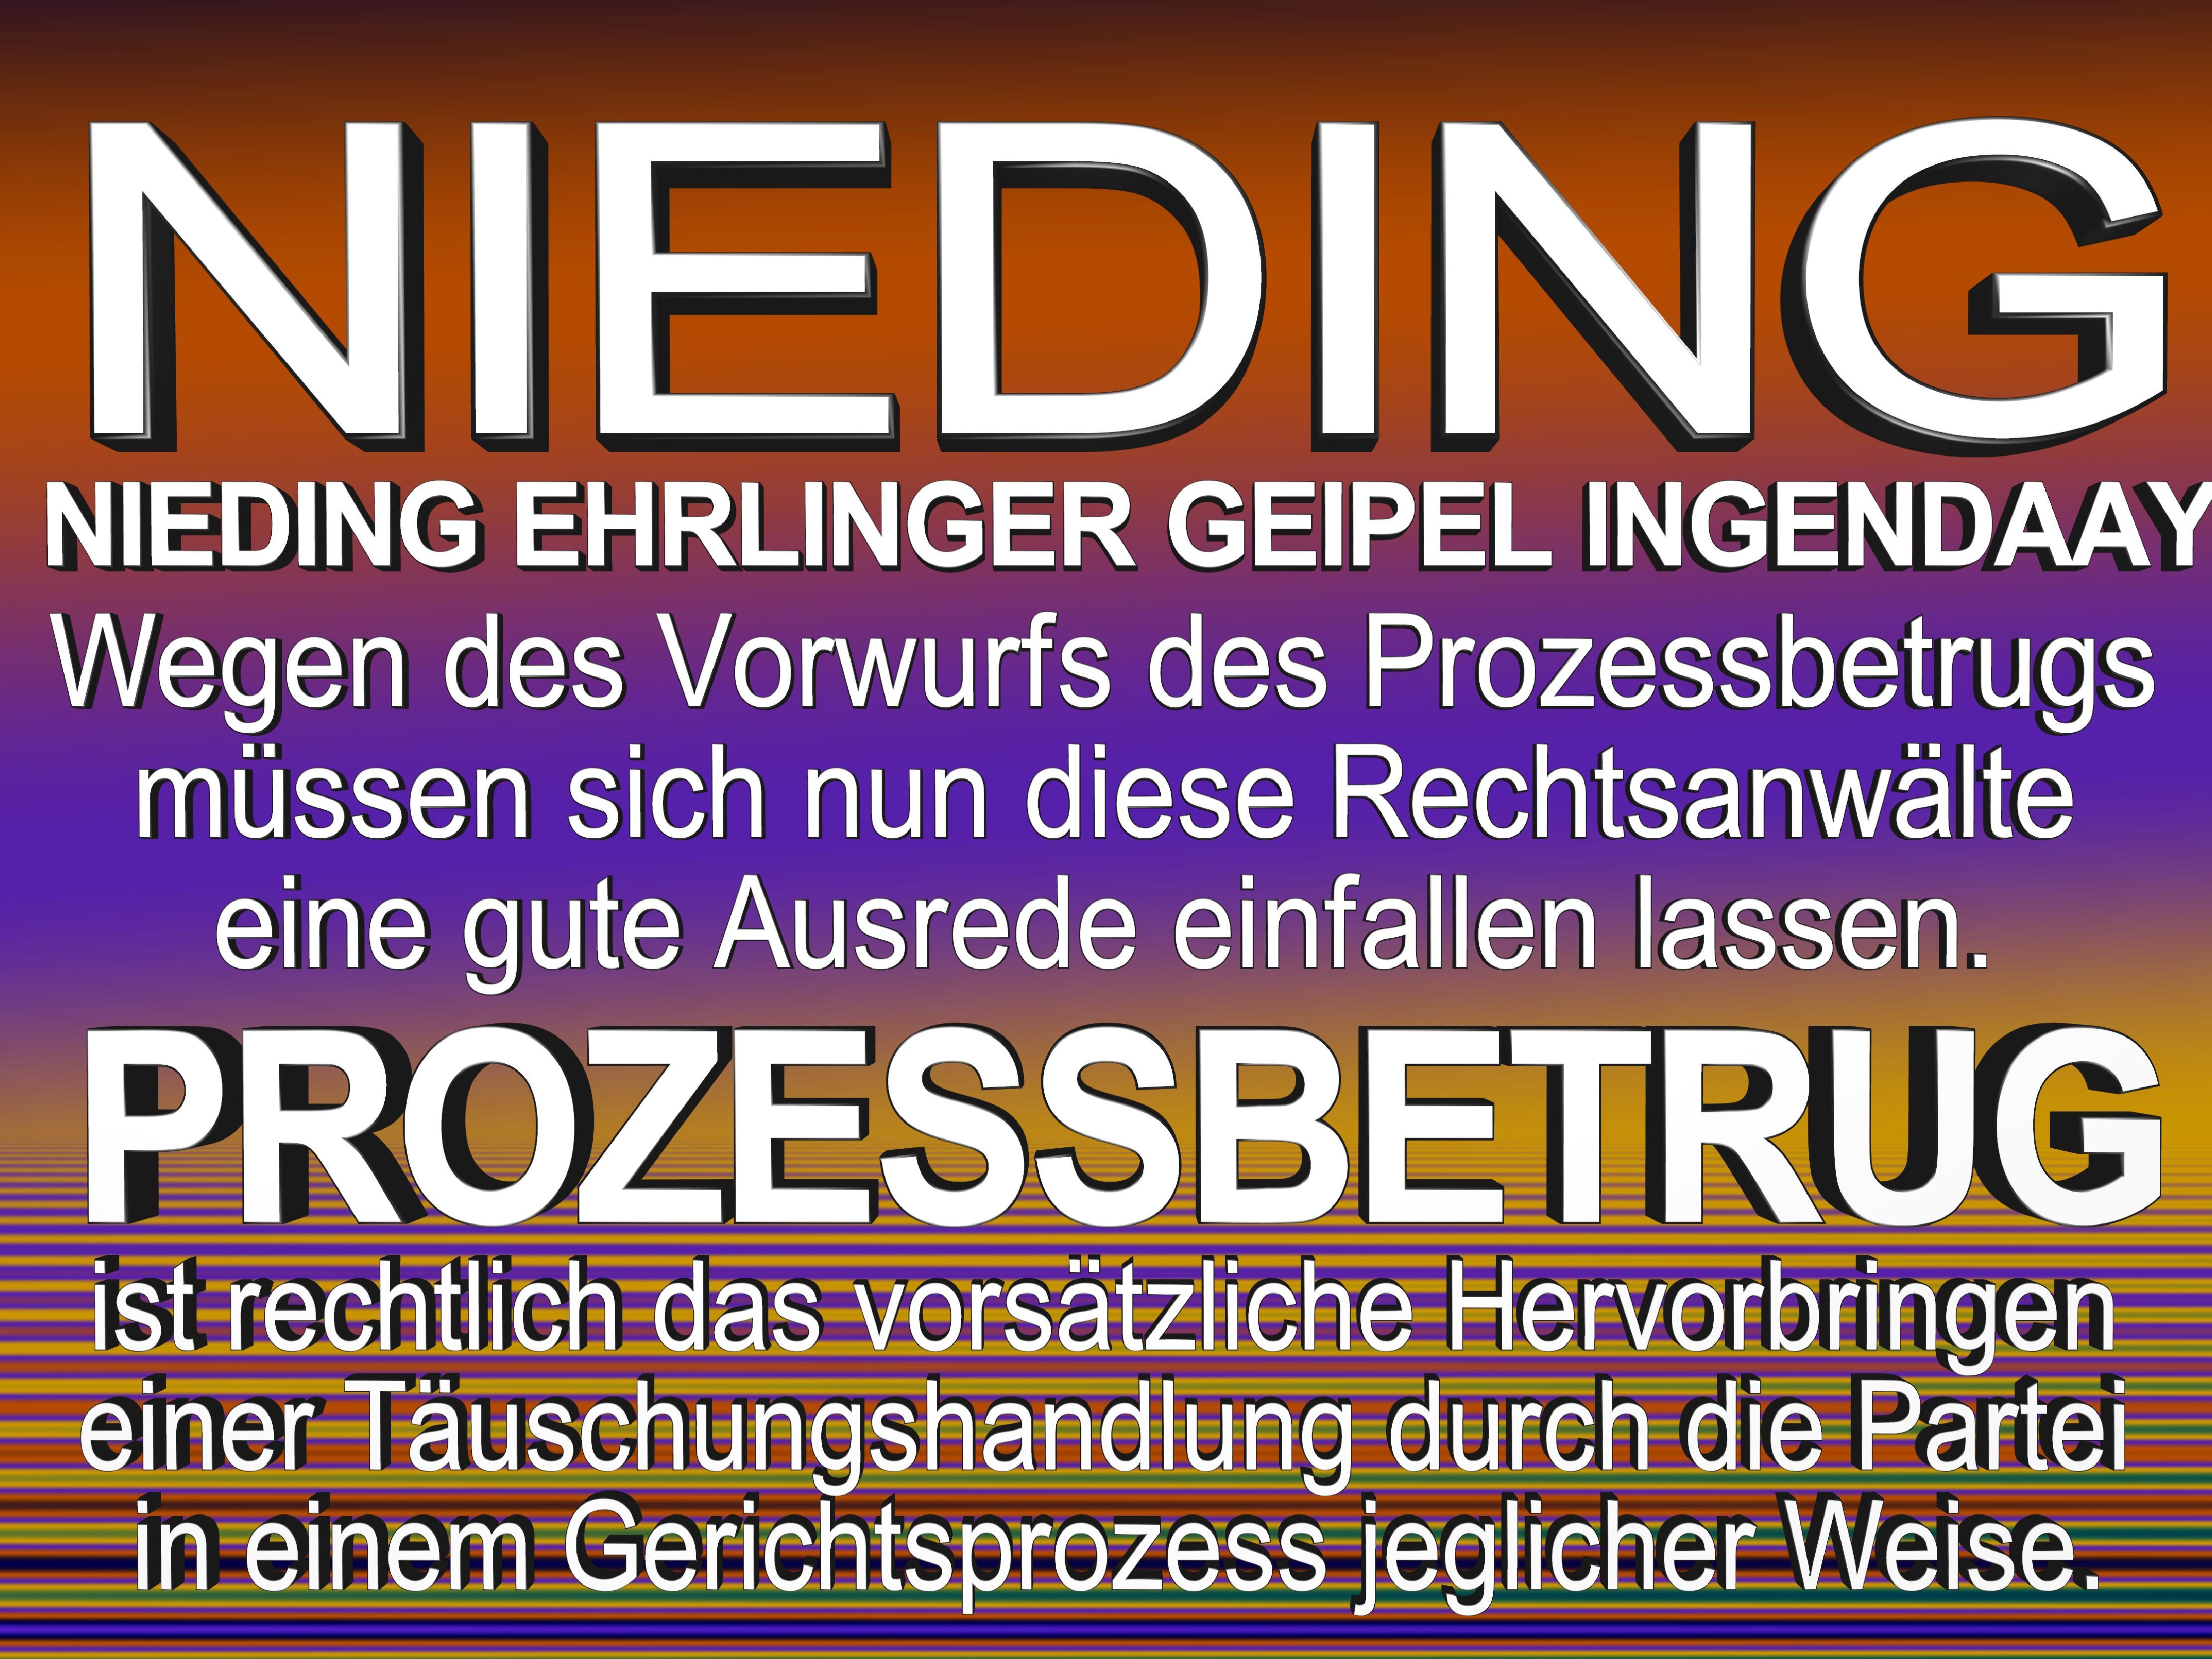 NIEDING EHRLINGER GEIPEL INGENDAAY LELKE Kurfürstendamm 66 Berlin (31)